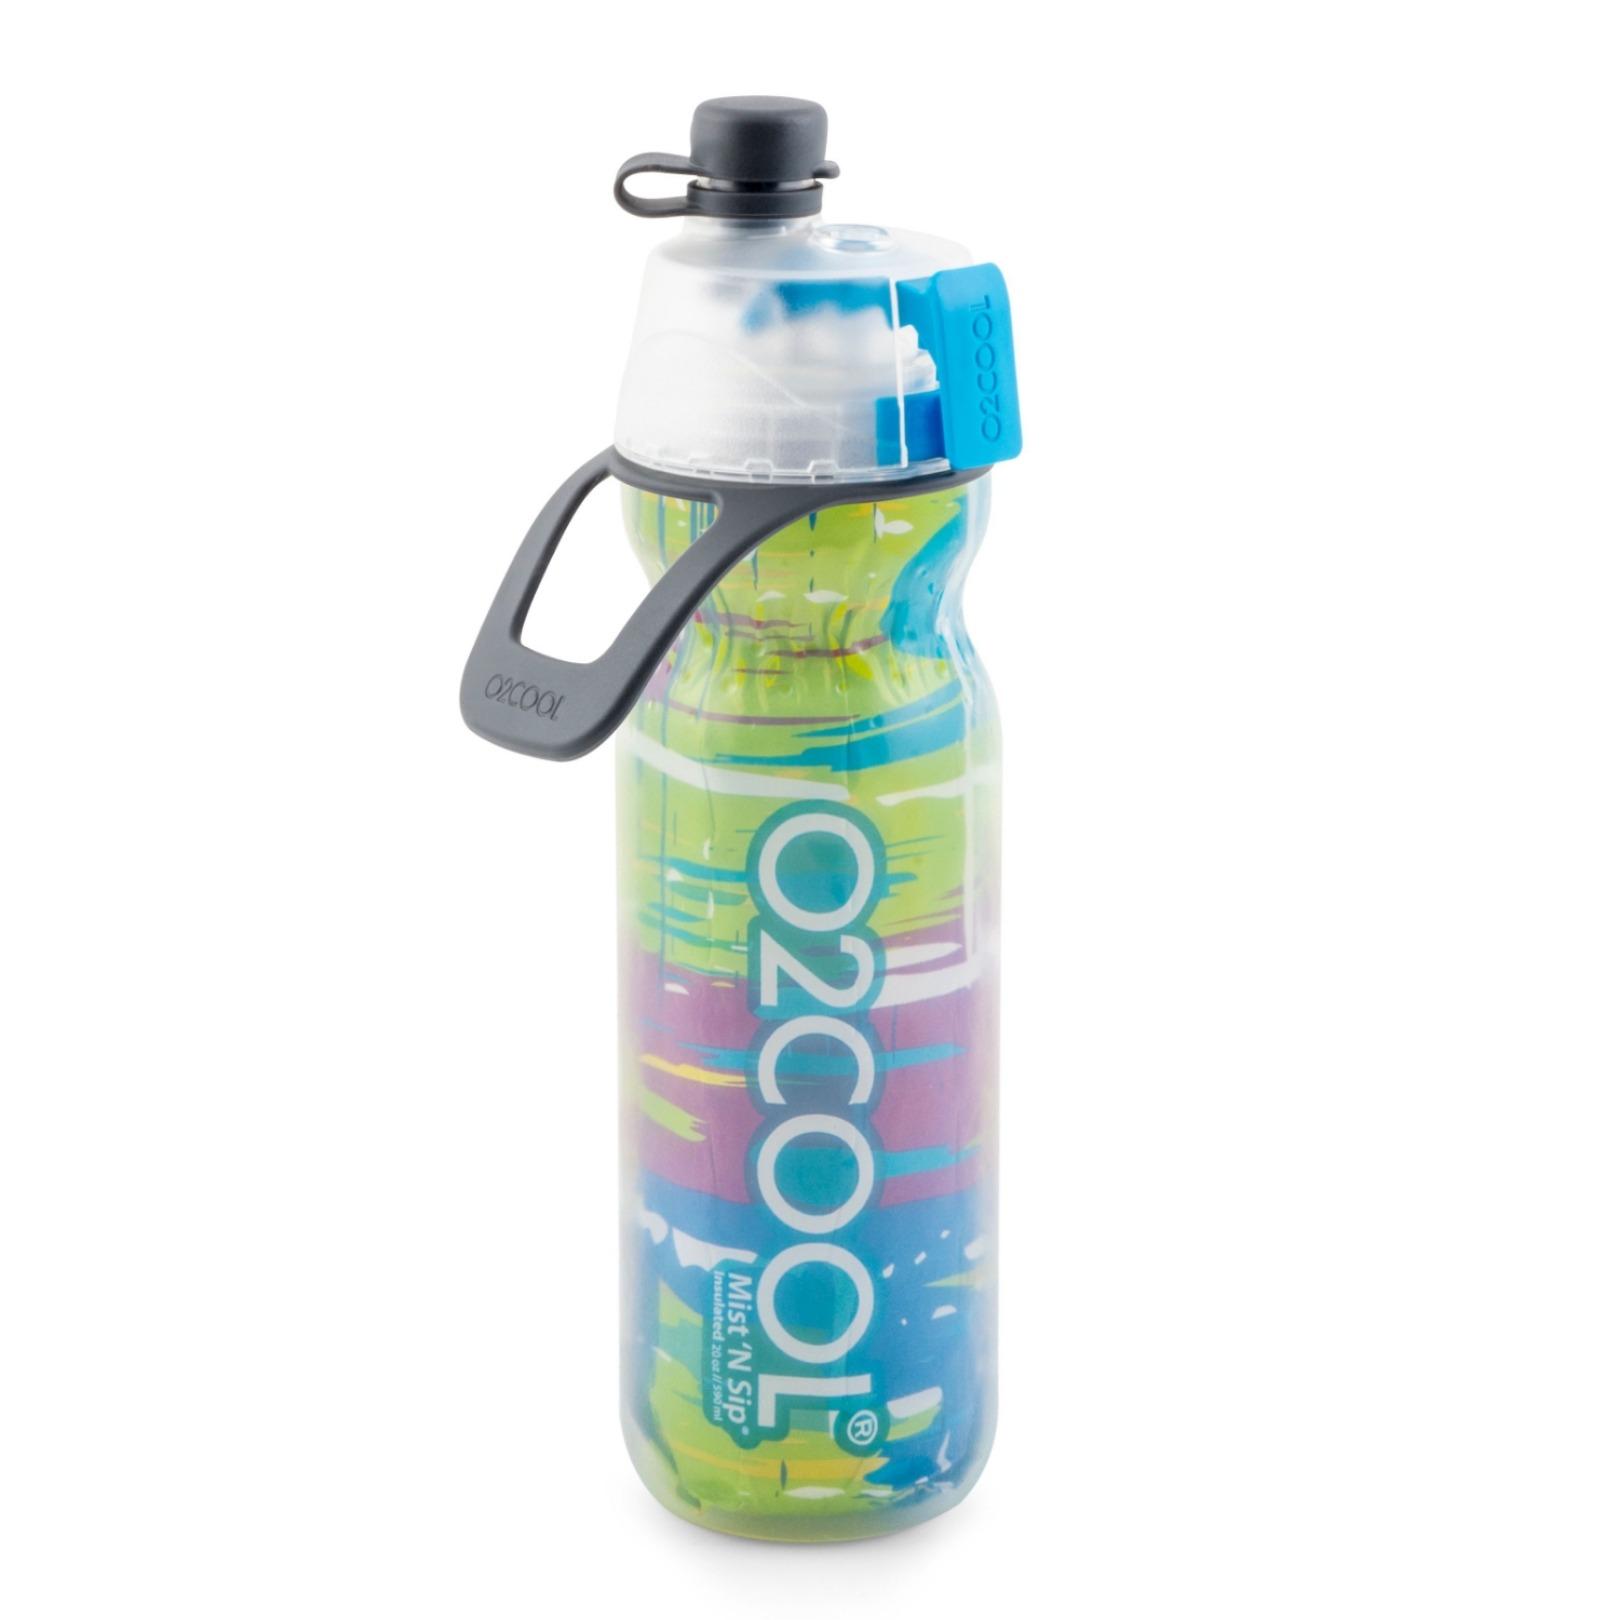 O2Cool-green